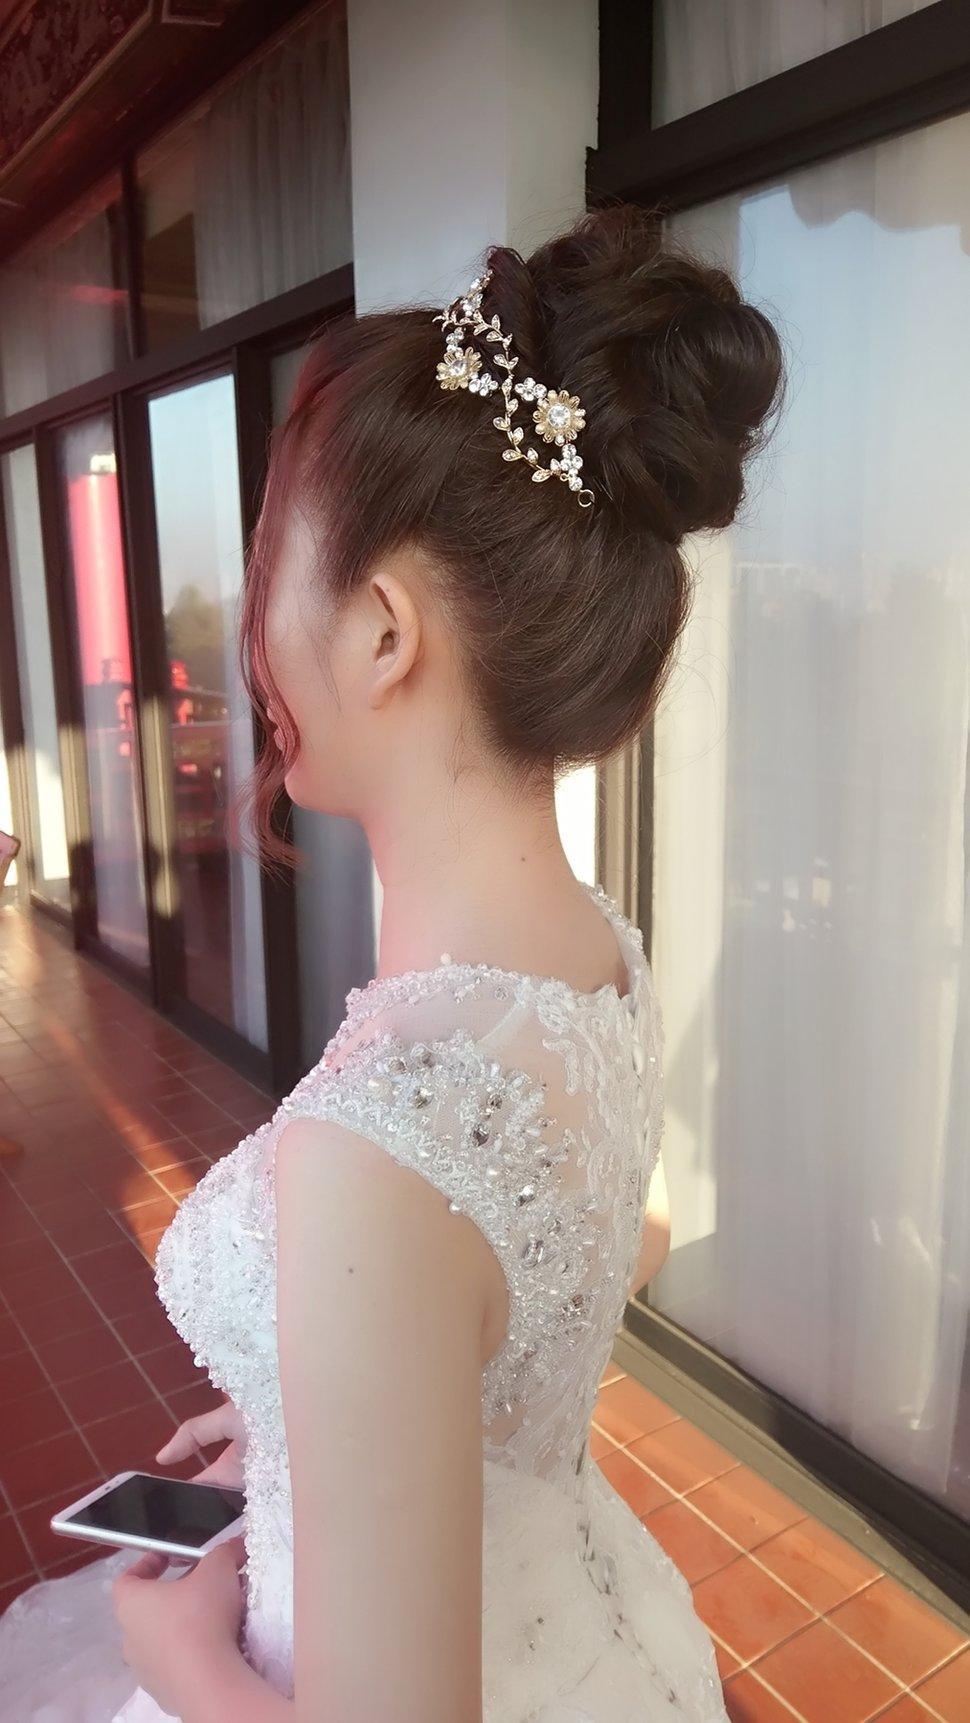 MAKEUP_20181213084059_save - may beatuy 新娘秘書 整體造型《結婚吧》